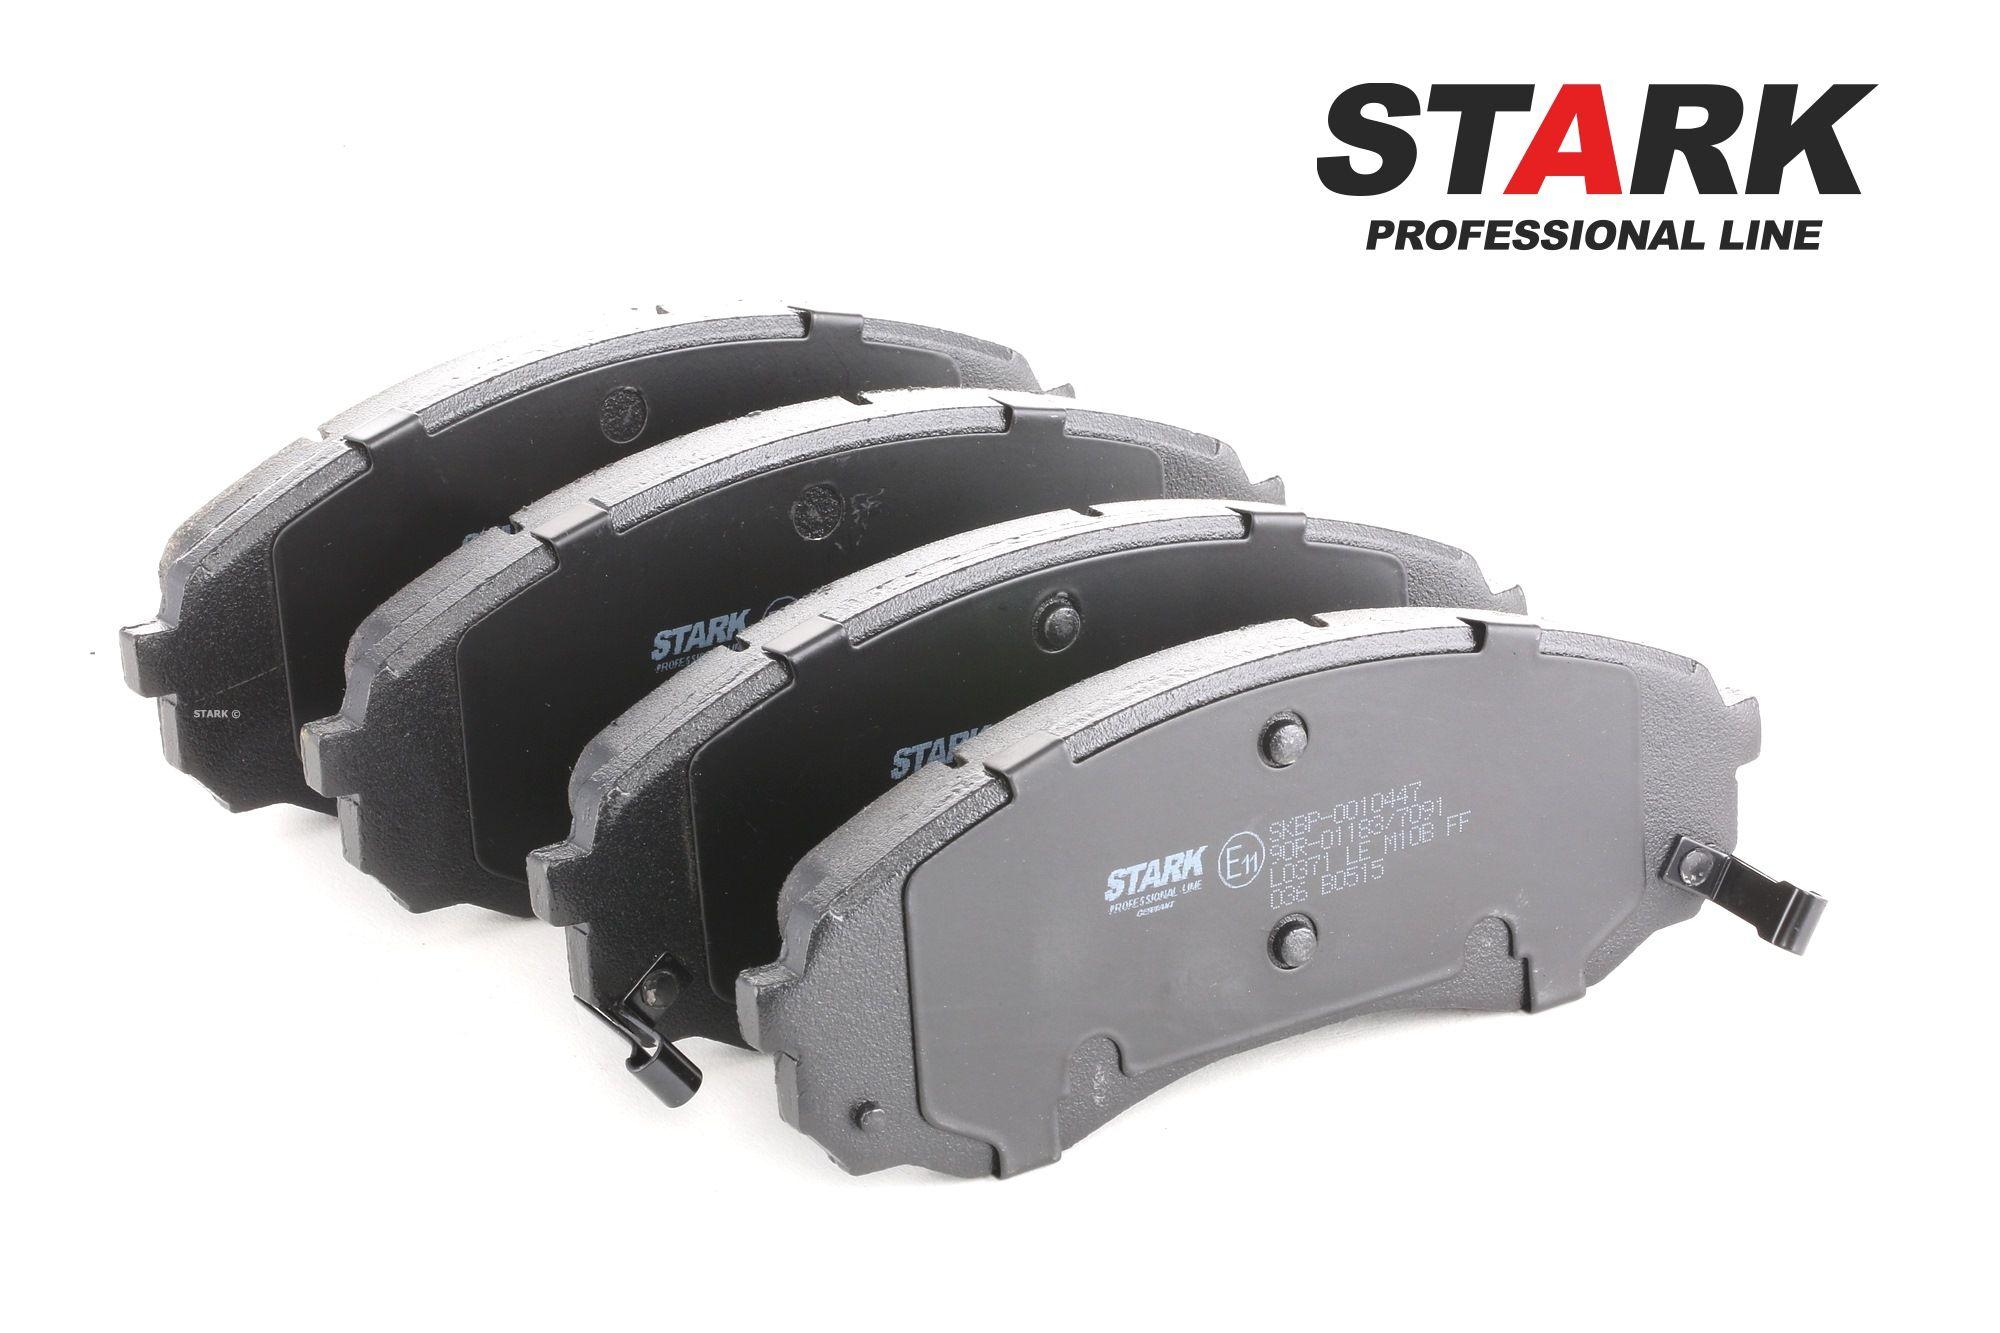 Bromsbelägg SKBP-0010447 som är helt STARK otroligt kostnadseffektivt